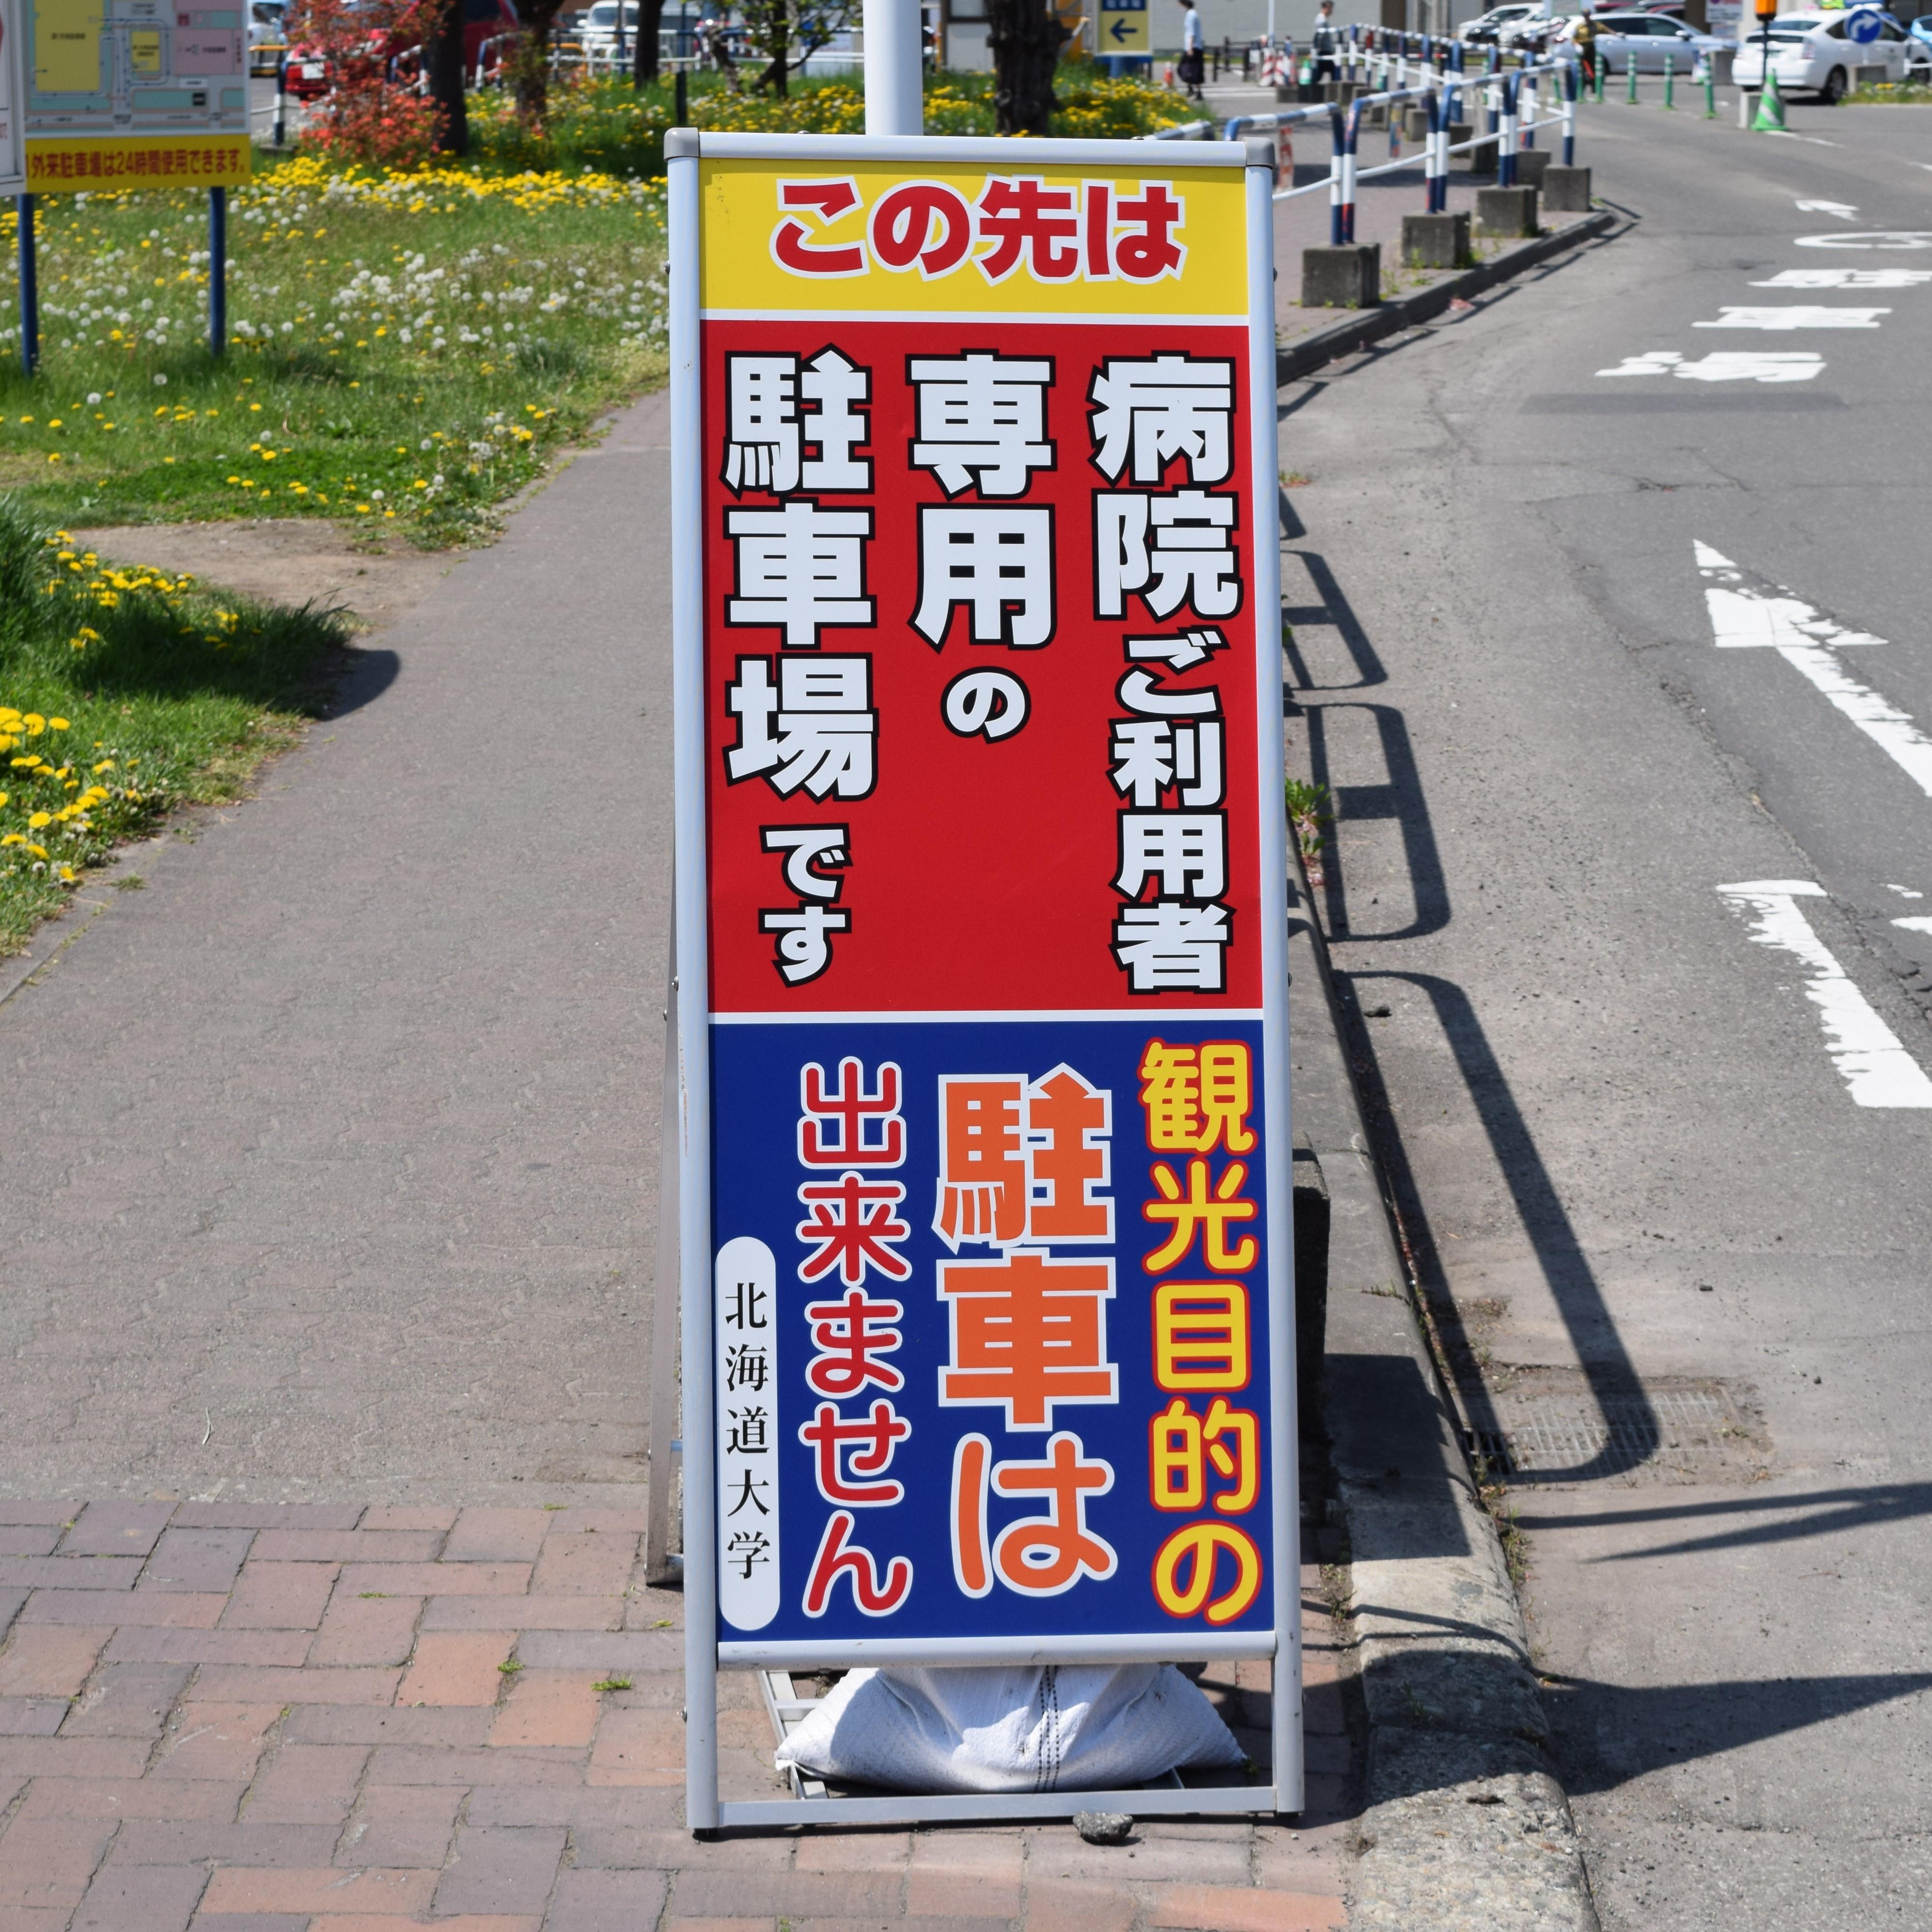 北海道大学のコインパーキング・時間貸し駐車場一覧